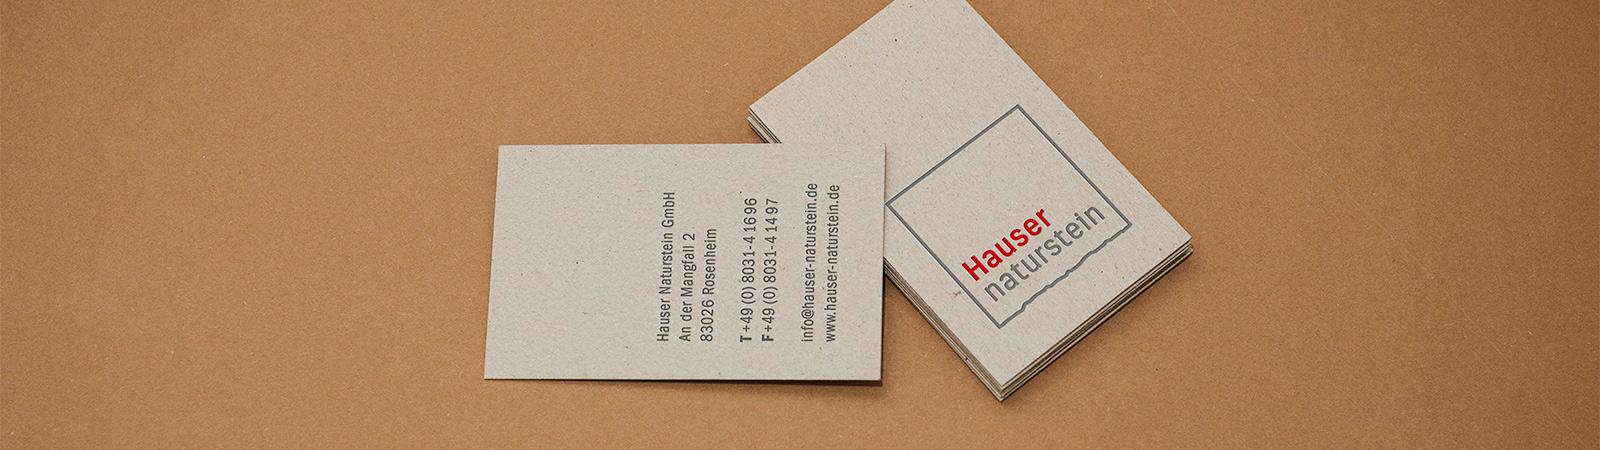 hauser_naturstein_logo_redesign_001